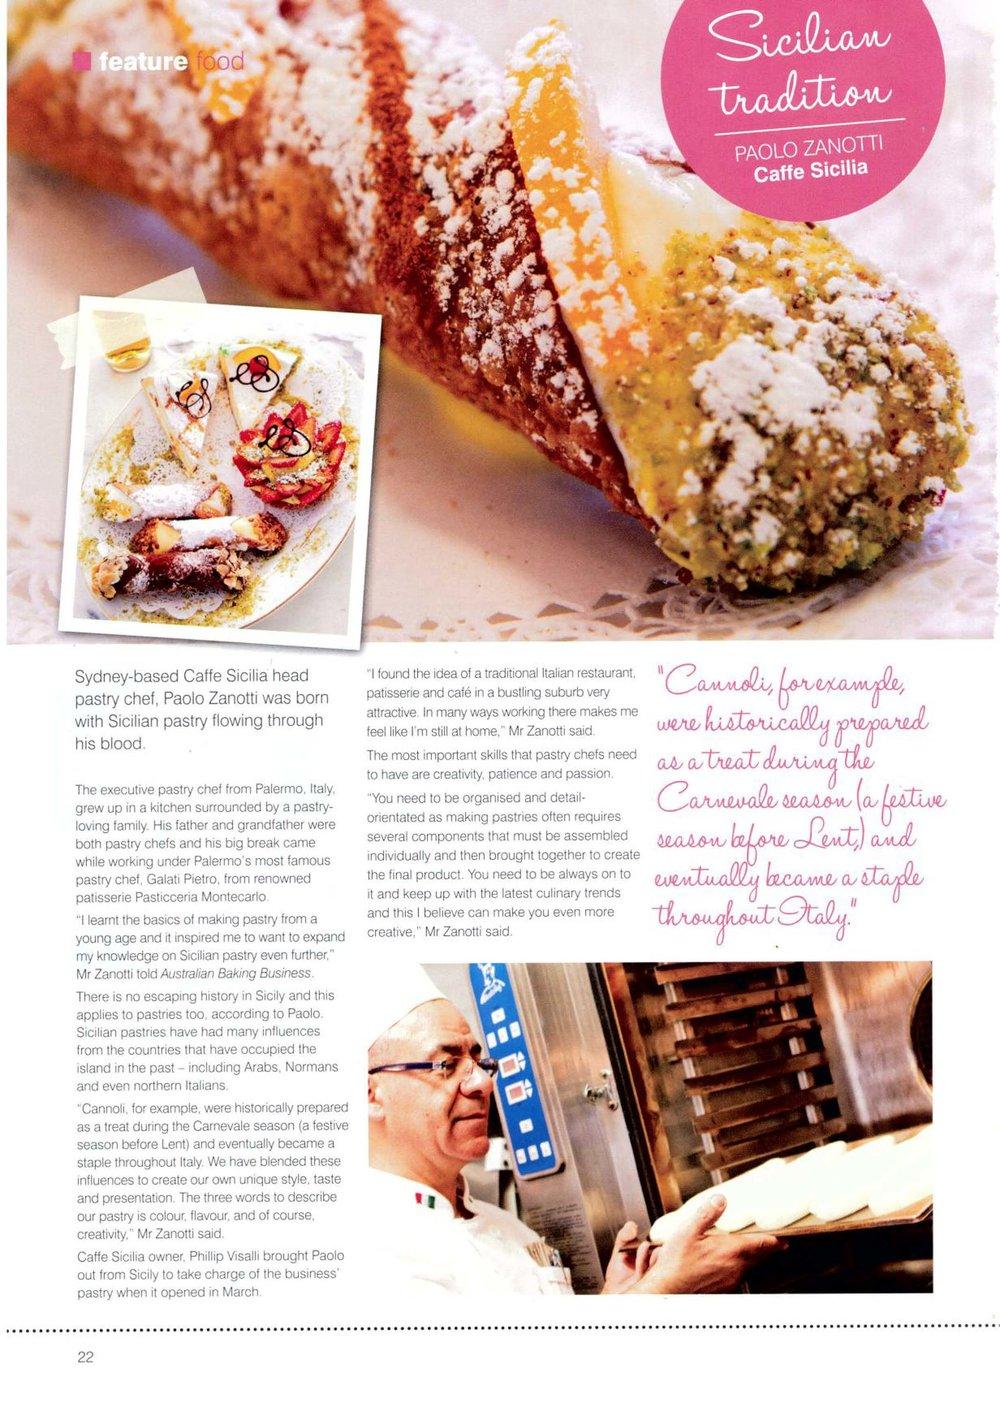 Australian Baking Business Magazine August-September 2011_000001.jpg